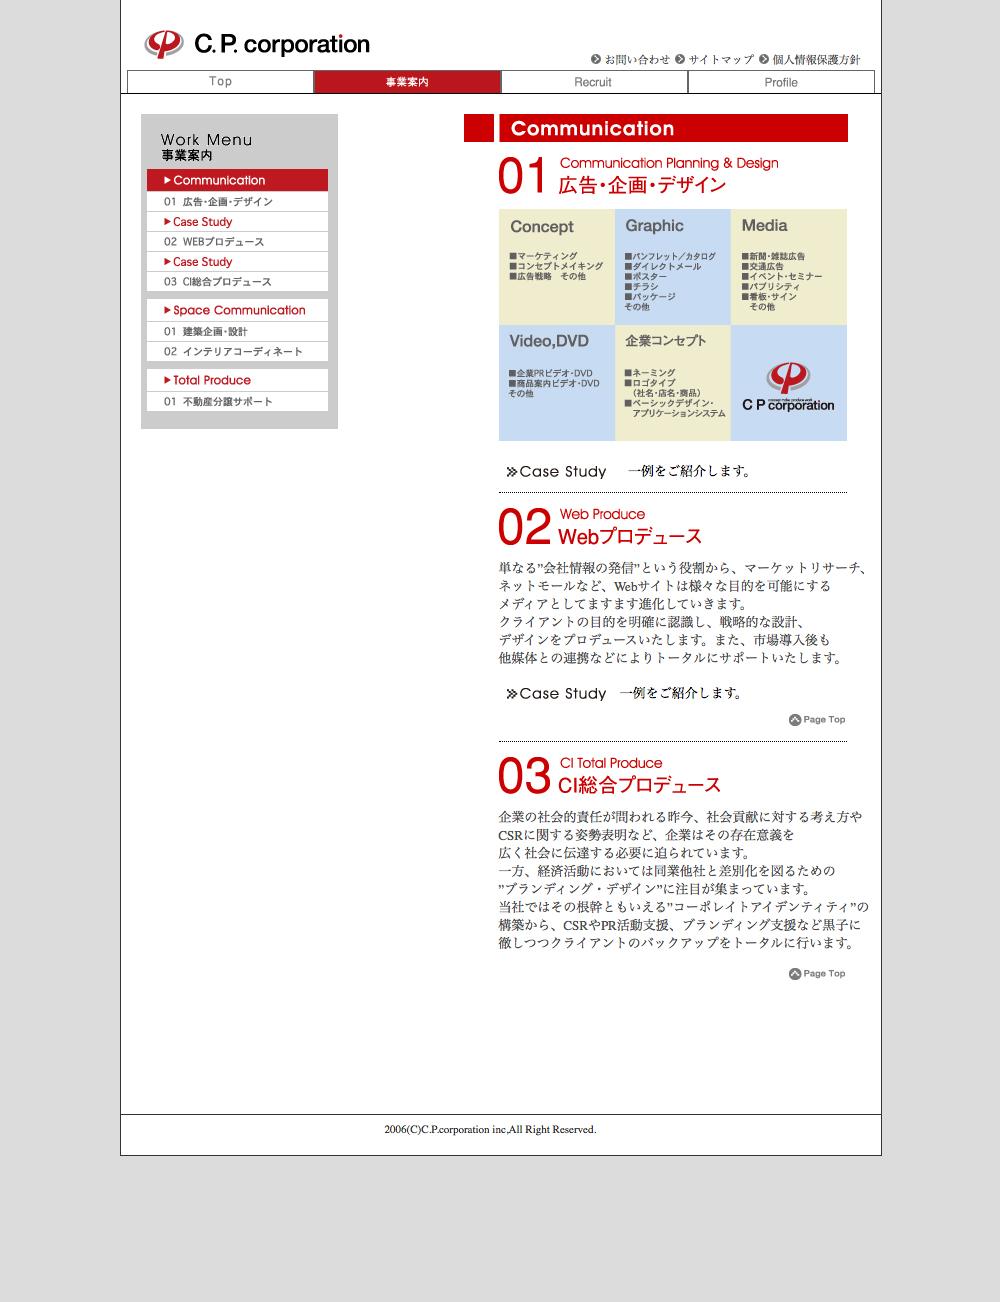 ホームページ 事業案内